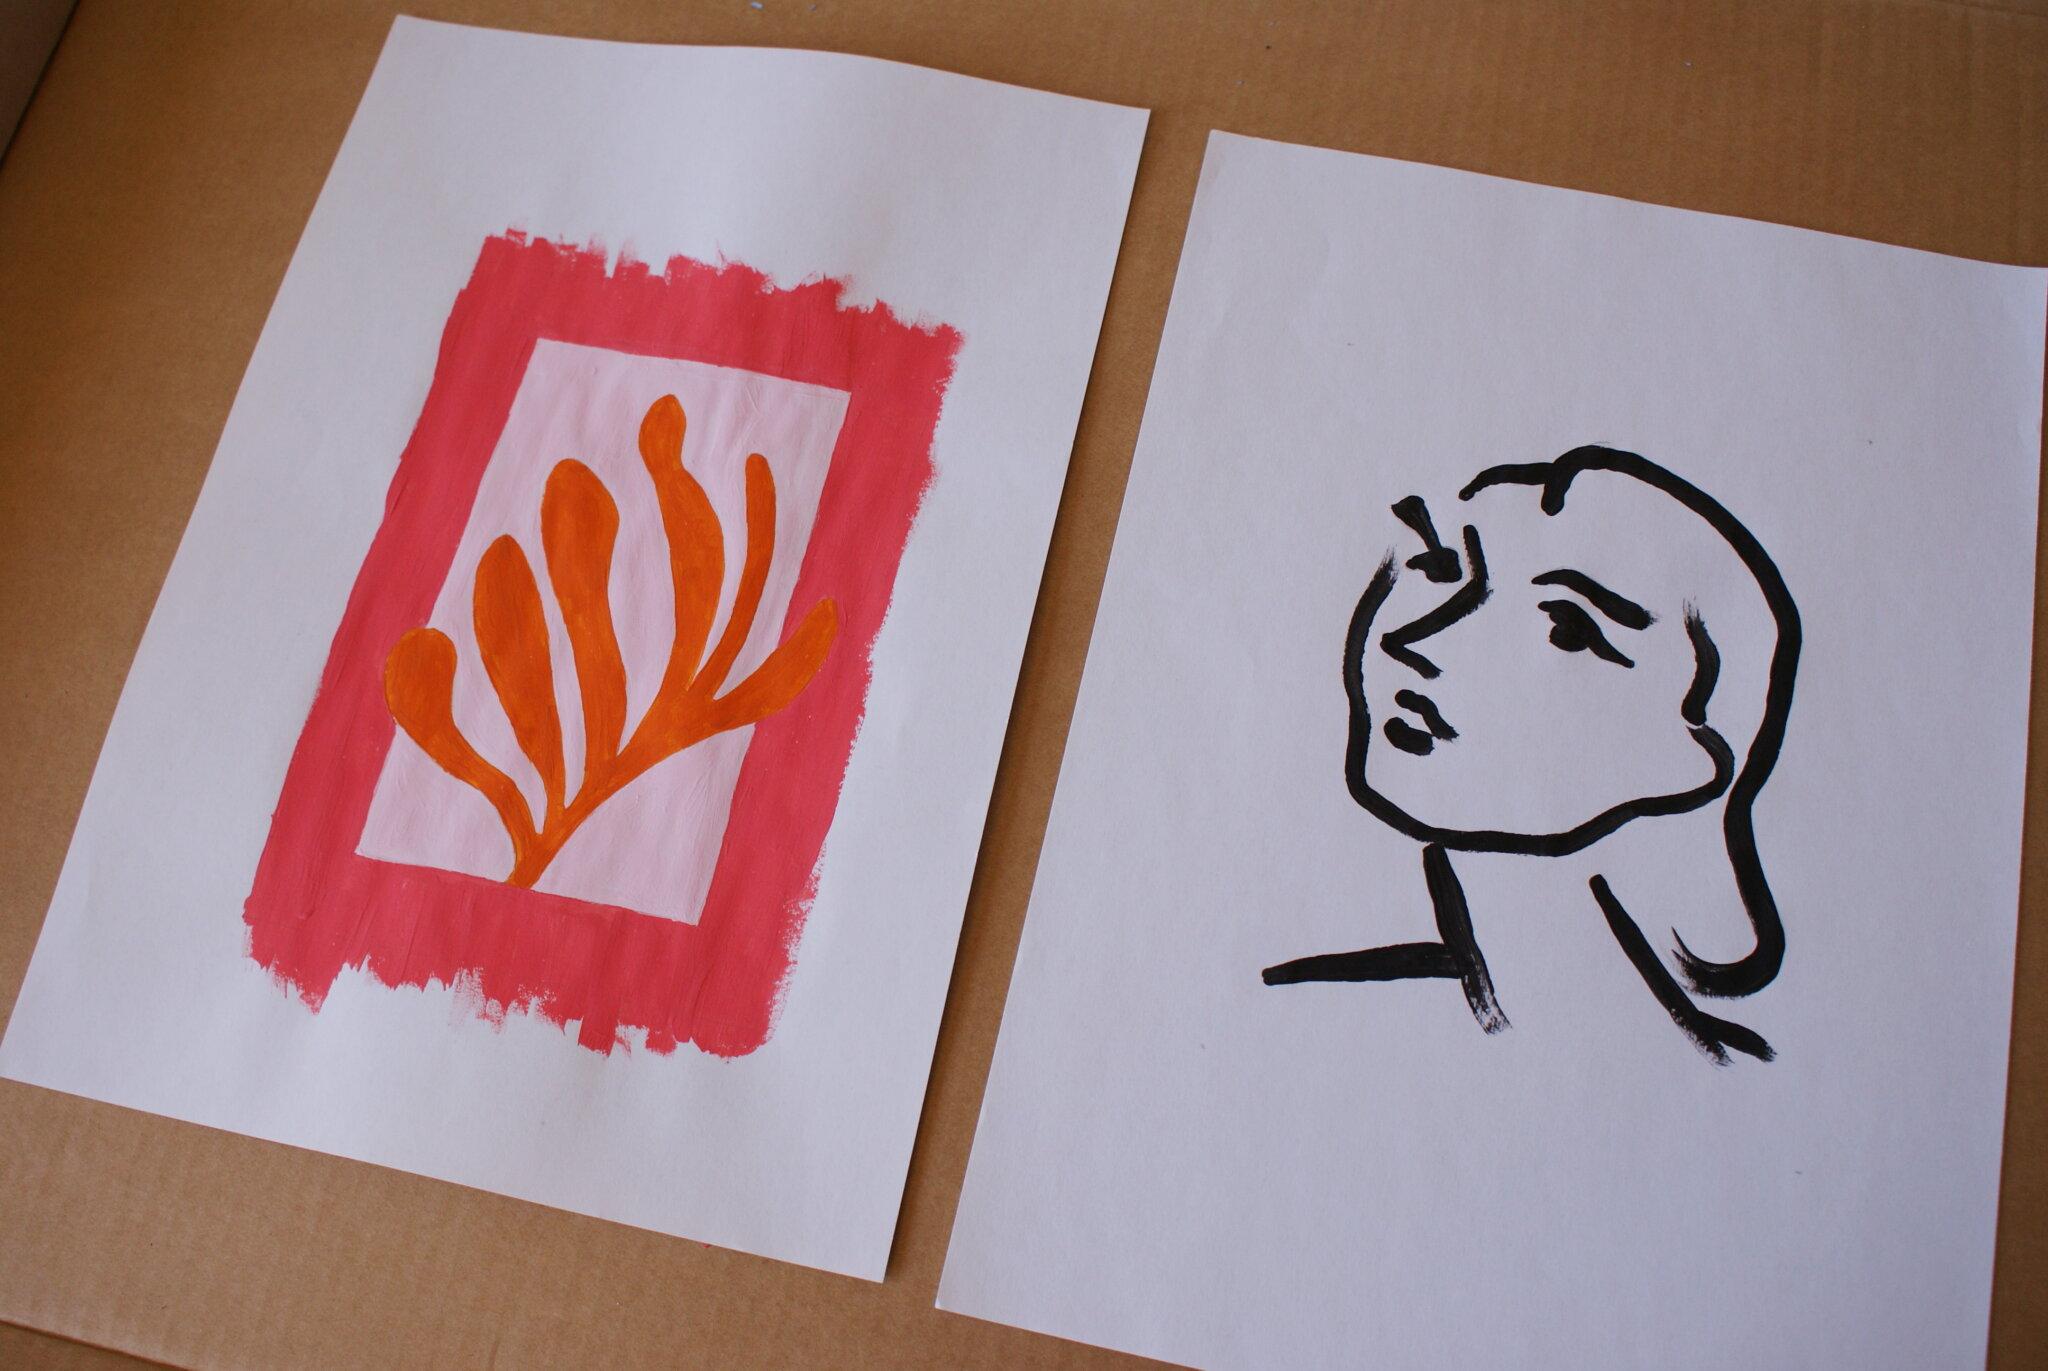 diy minimalist paintings inspired henri matisse art try make home beginner tutorial